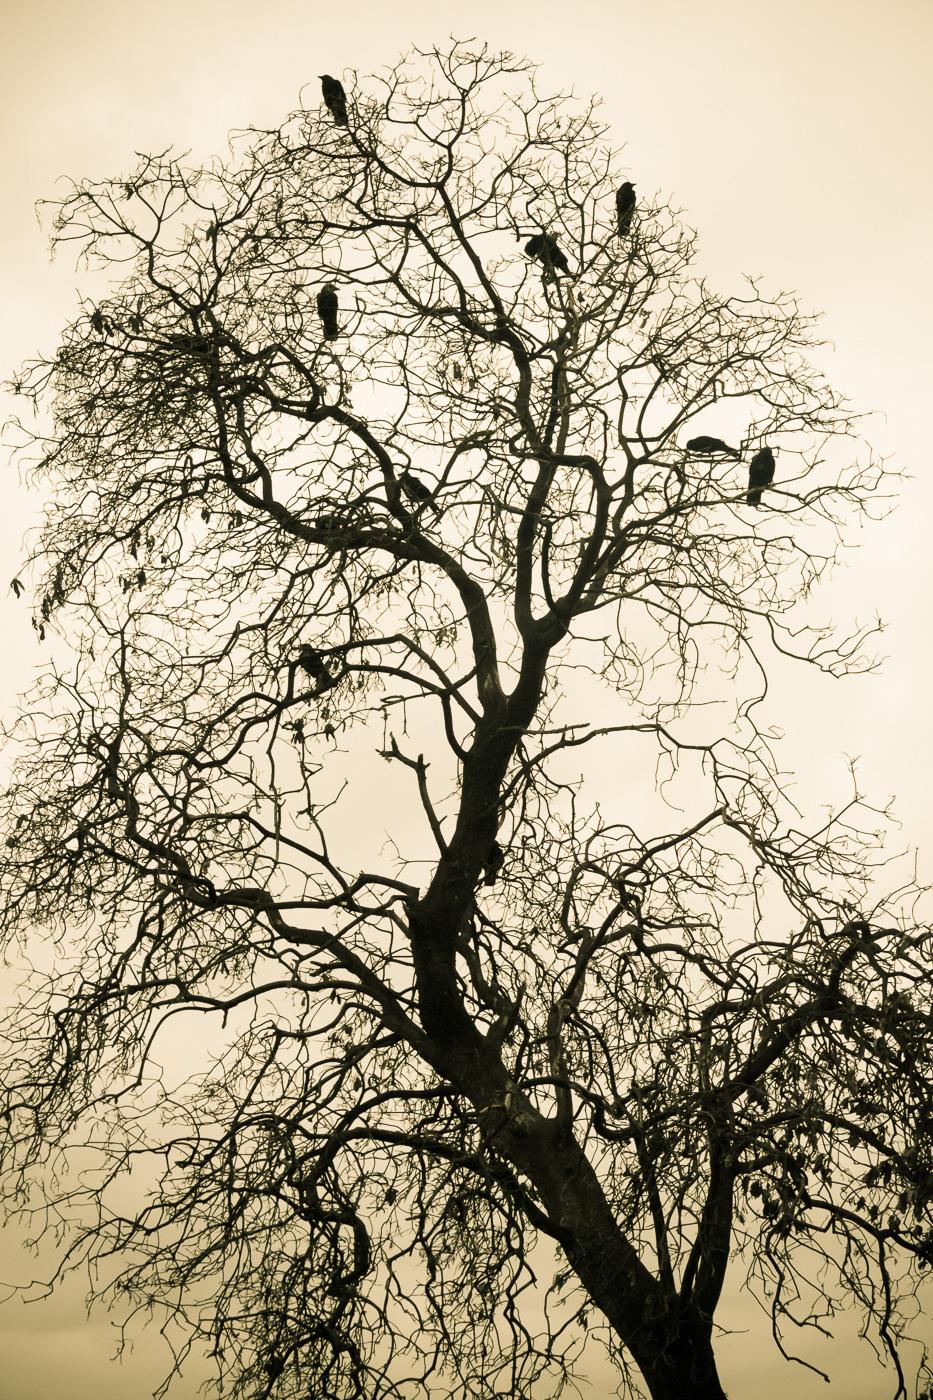 No leafs but birds - Paisatges de Nord-Amèrica - Raül Carmona - Fotografia, Fotografia d'estudi, esdeveniments i Natura